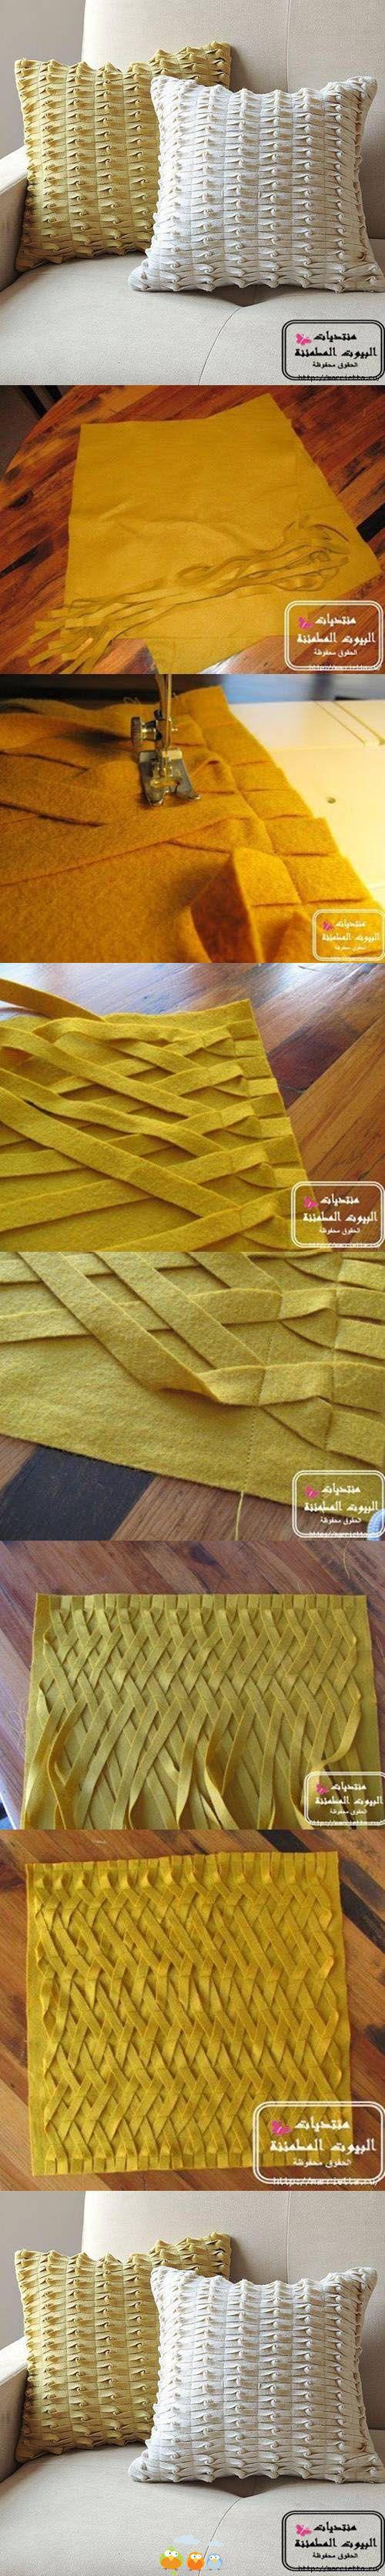 C mo hacer cojines decorativos para un sof sewing and - Hacer cojines para sofa ...